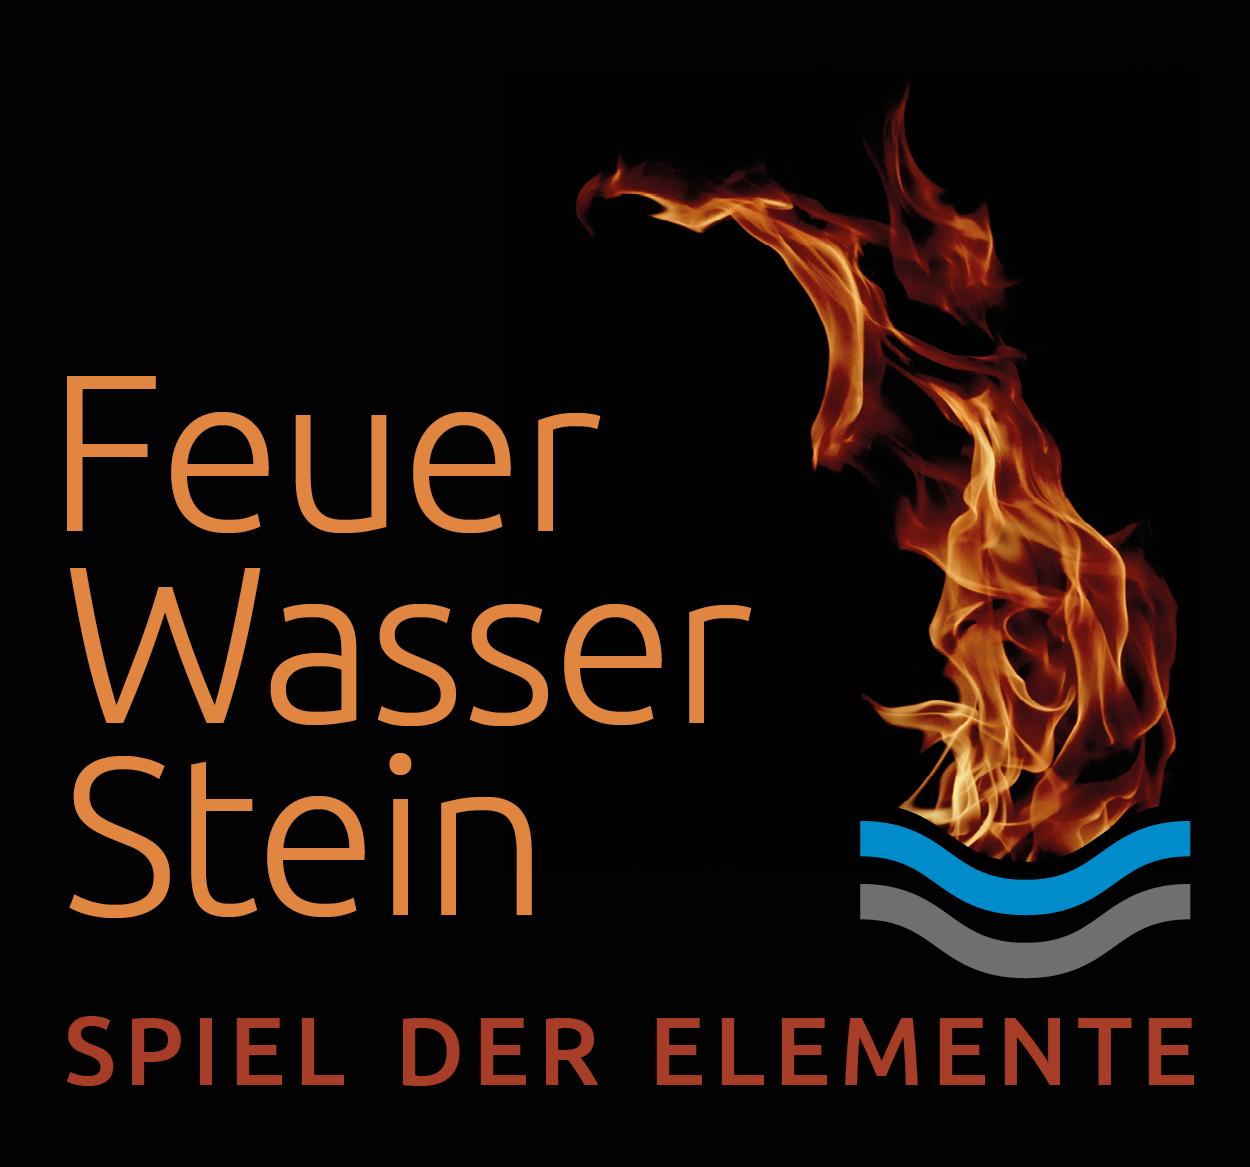 Feuer Wasser Stein